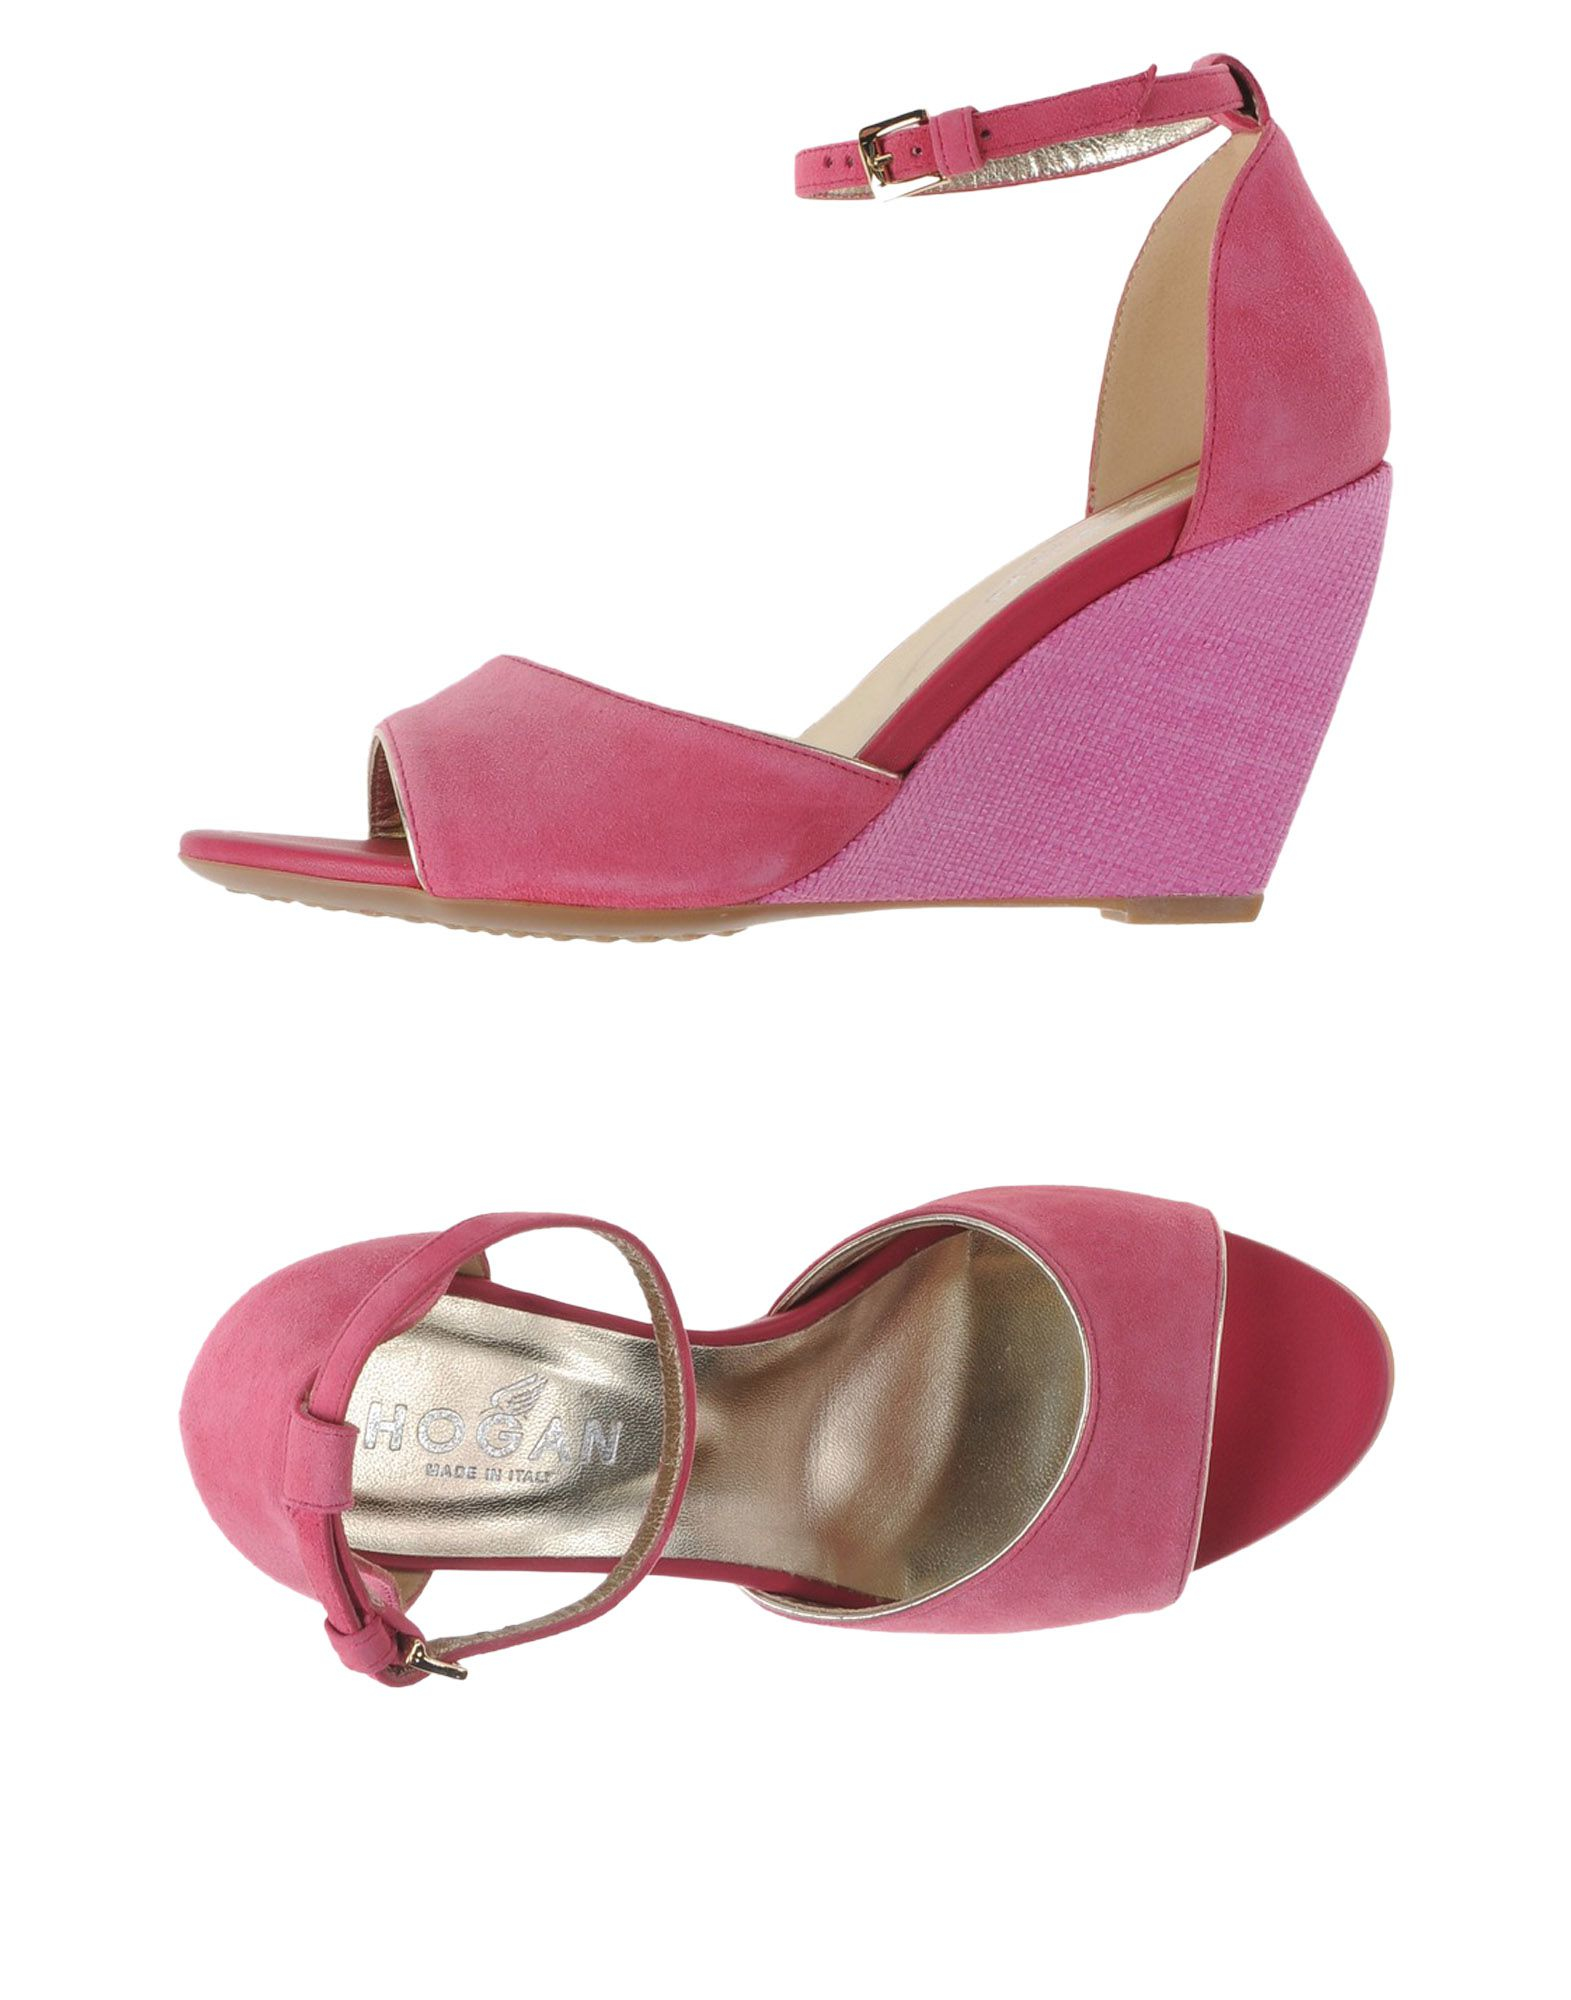 Hogan Shoes Stores Usa